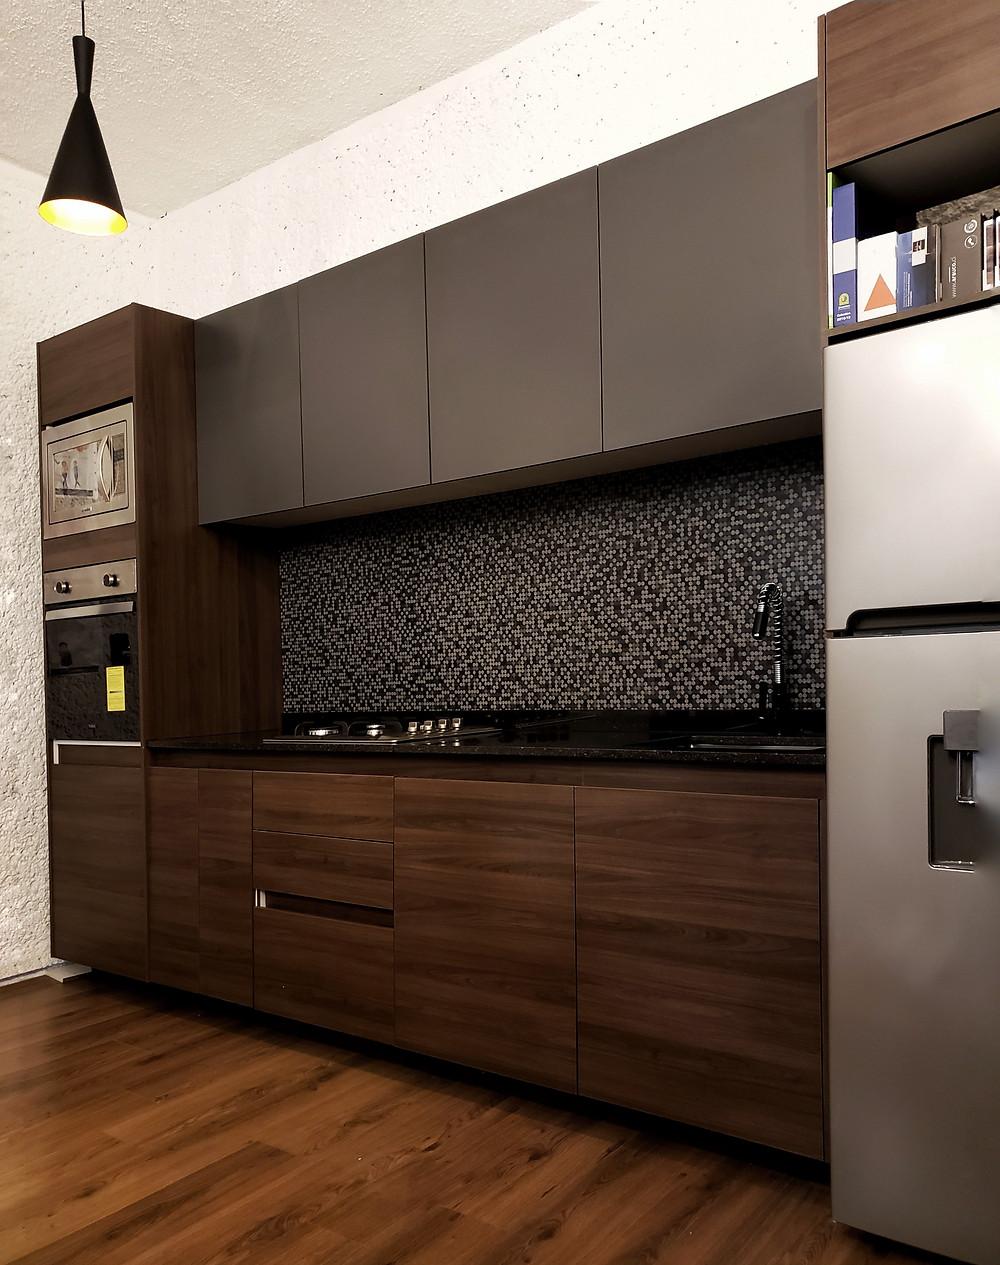 Cocina moderna Taller de Cocinas